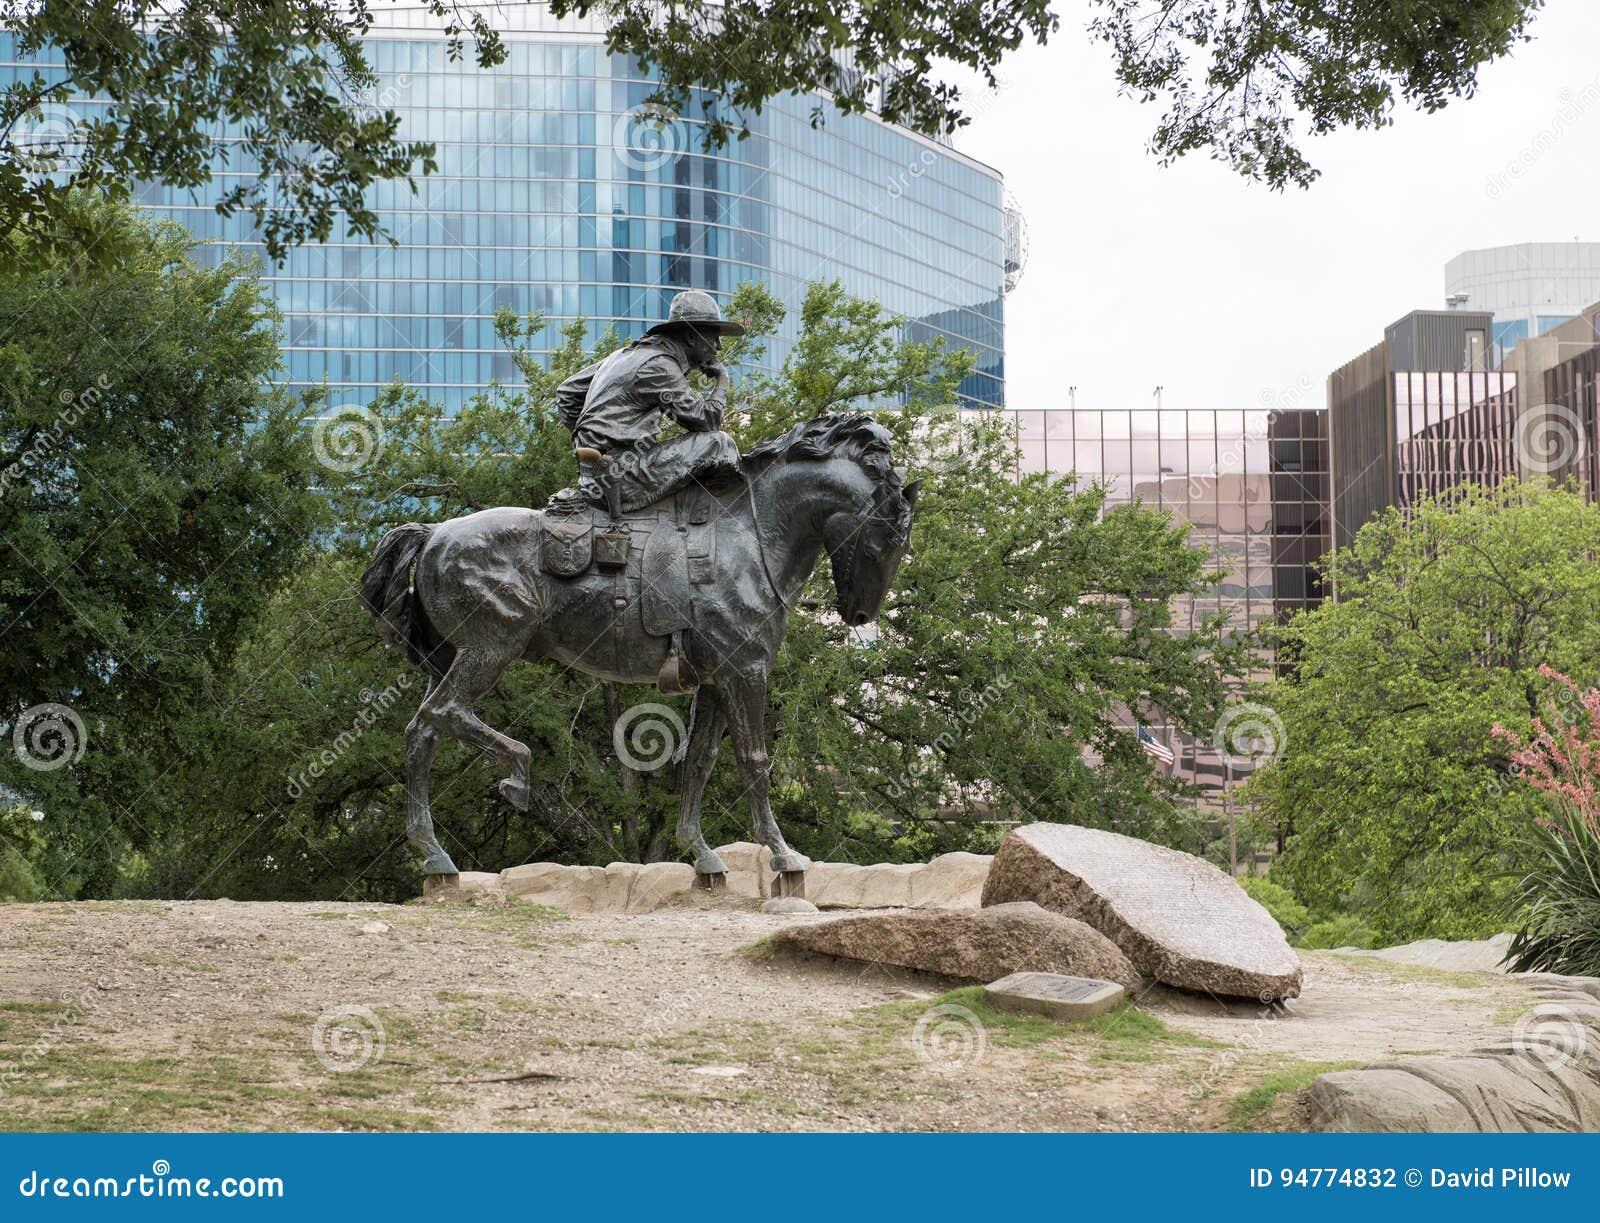 Cowboy en bronze sur la sculpture en cheval, plaza pionnière, Dallas